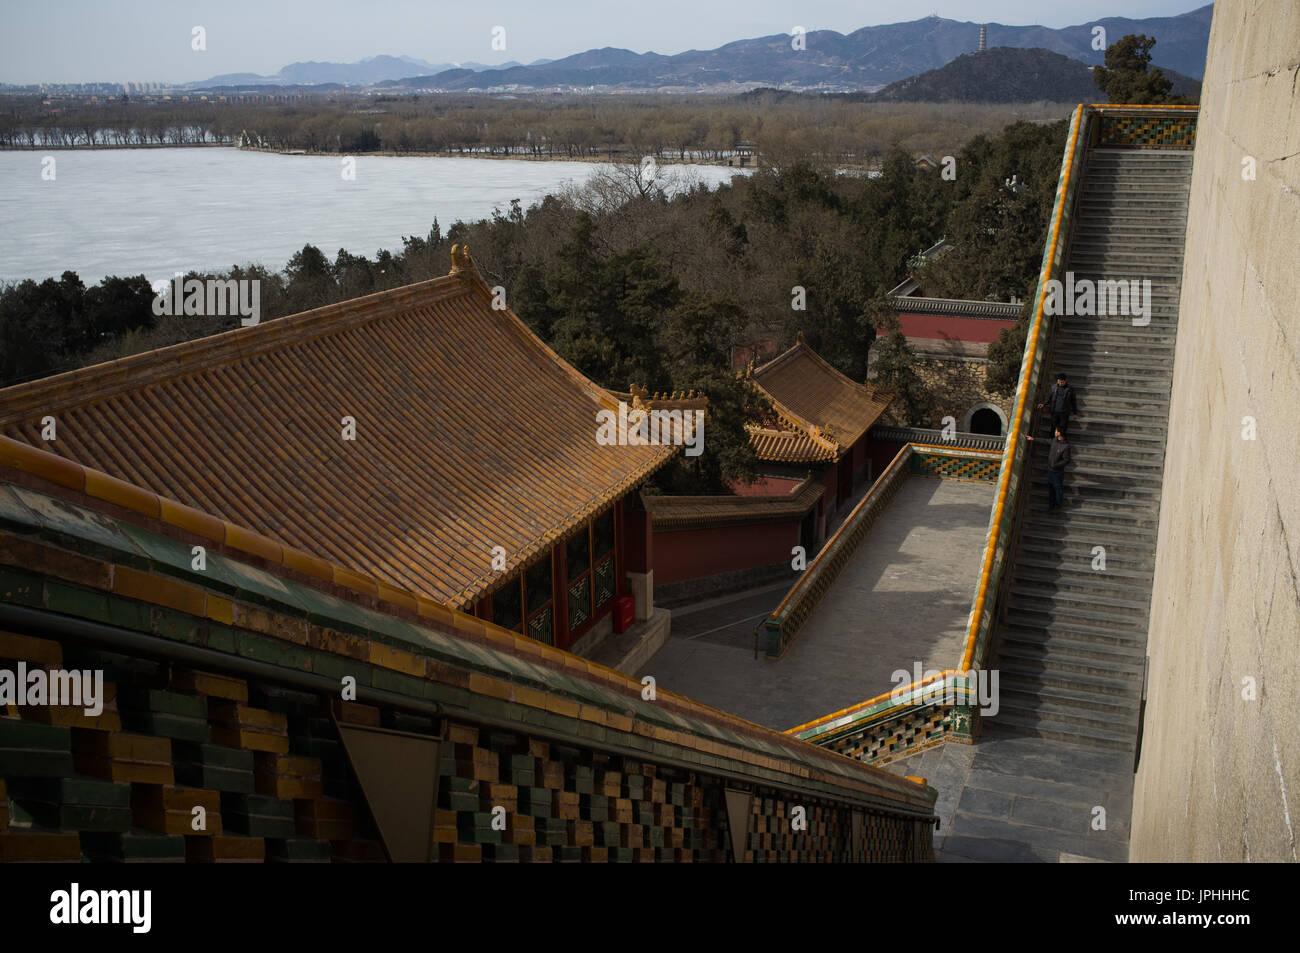 Summer Palace, Beijing, China - Stock Image